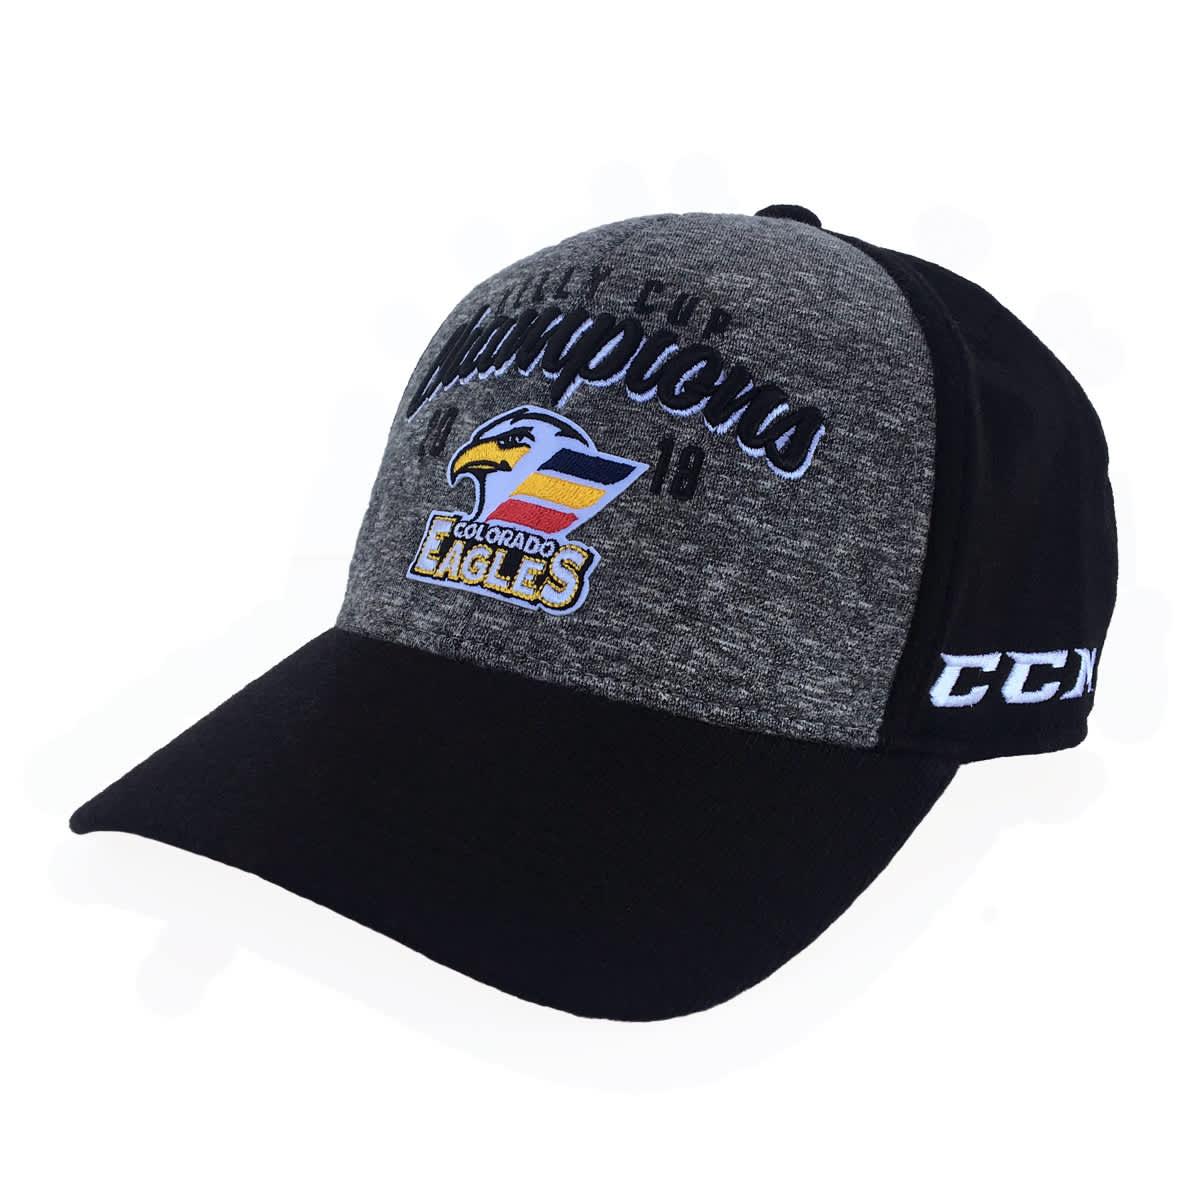 a634e7007d4 2018 CCM Champ Hat